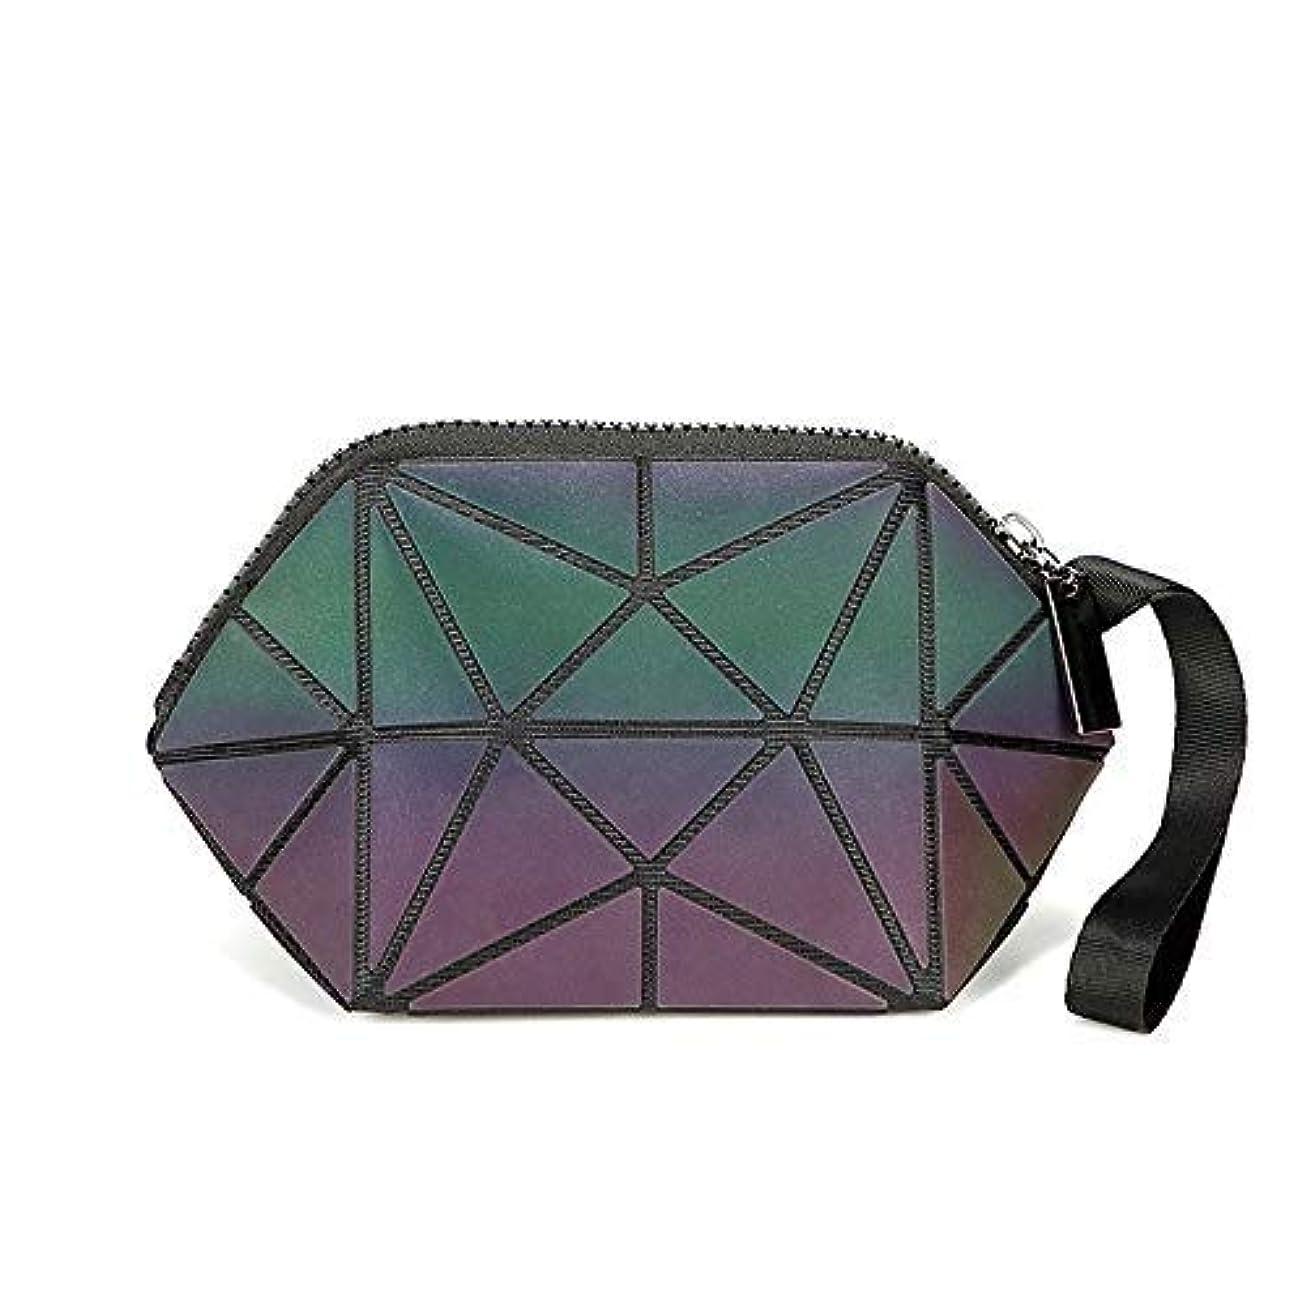 Leshang 化粧ポーチ 幾何模様デザイン 3 スタイル ホログラフィック 反射素材 化粧ポーチ 化粧品バッグ メイクバッグ コスメ収納 化粧道具の収納バッグ (1)